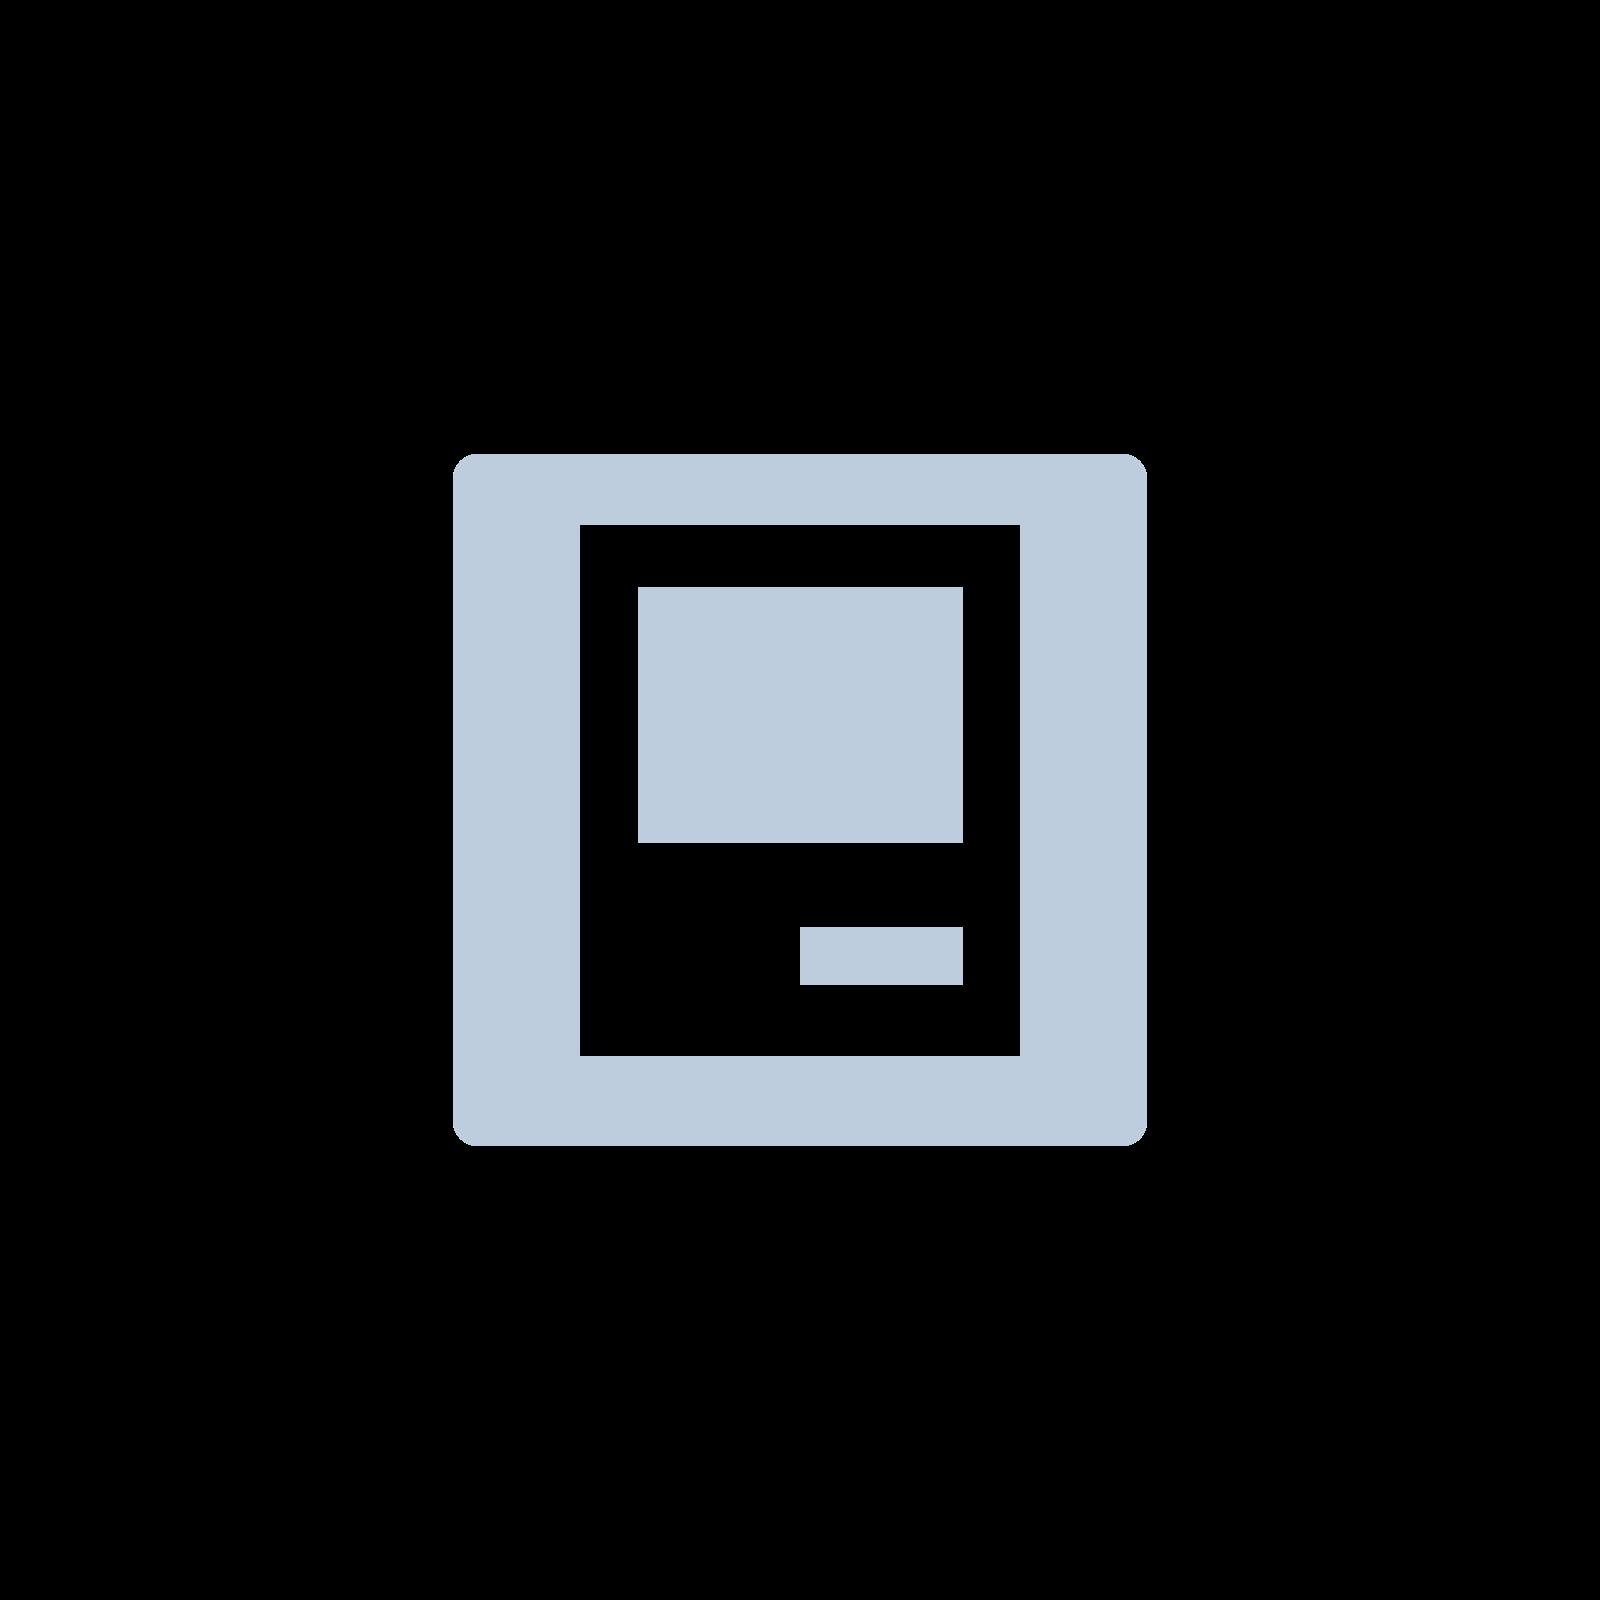 iPad (6th Gen) 128GB Wi-Fi + Cellular Space Grau